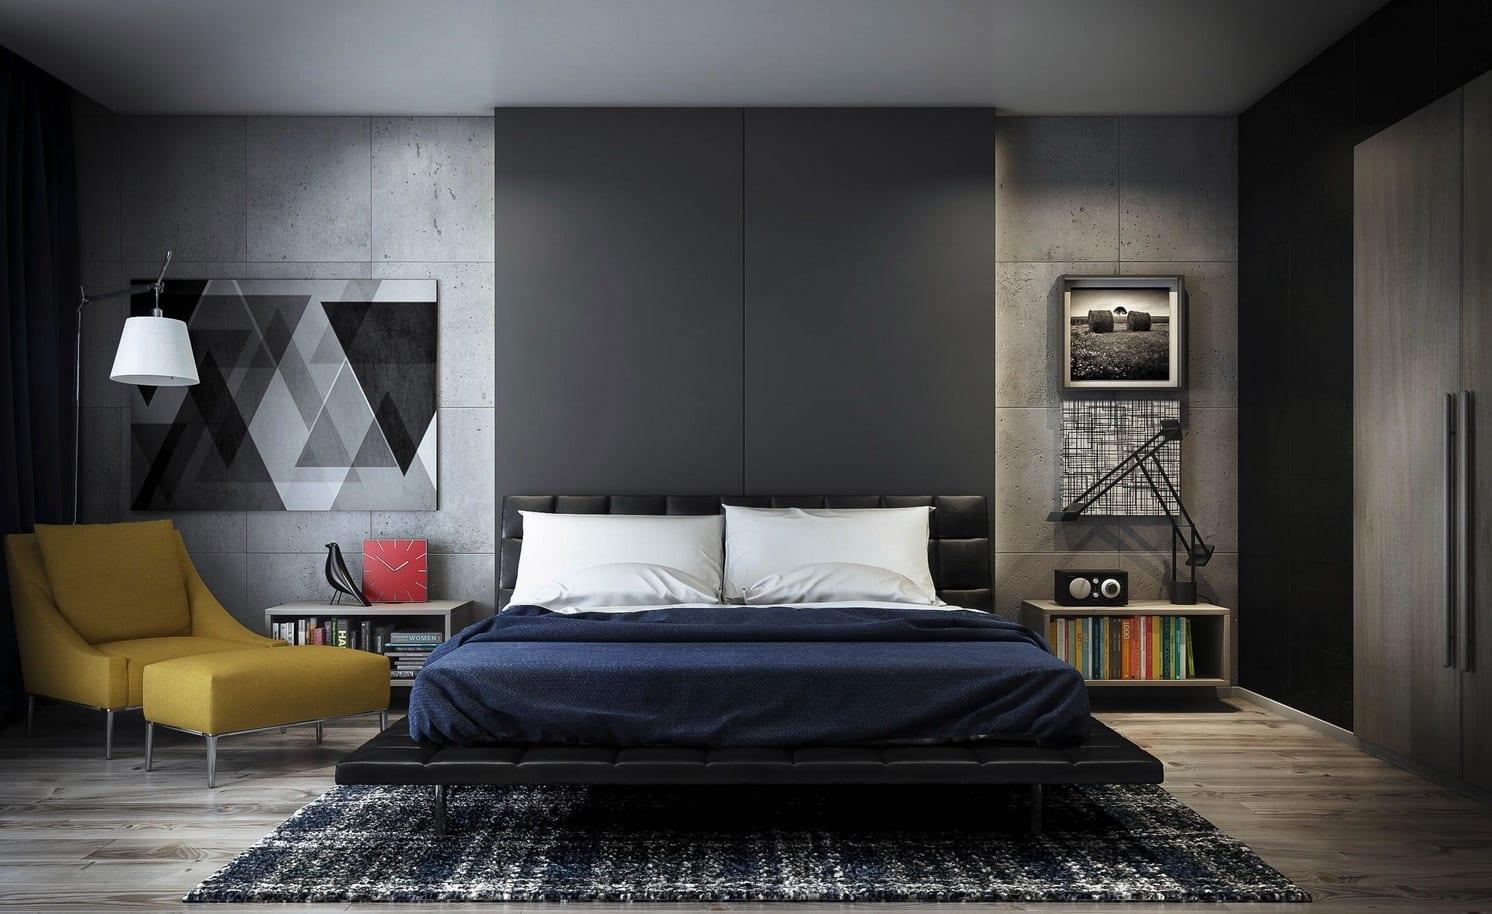 Luxus Interior Ideen mit Beton  Inspirationen fr modernen Betonbau  Frisch Mobel